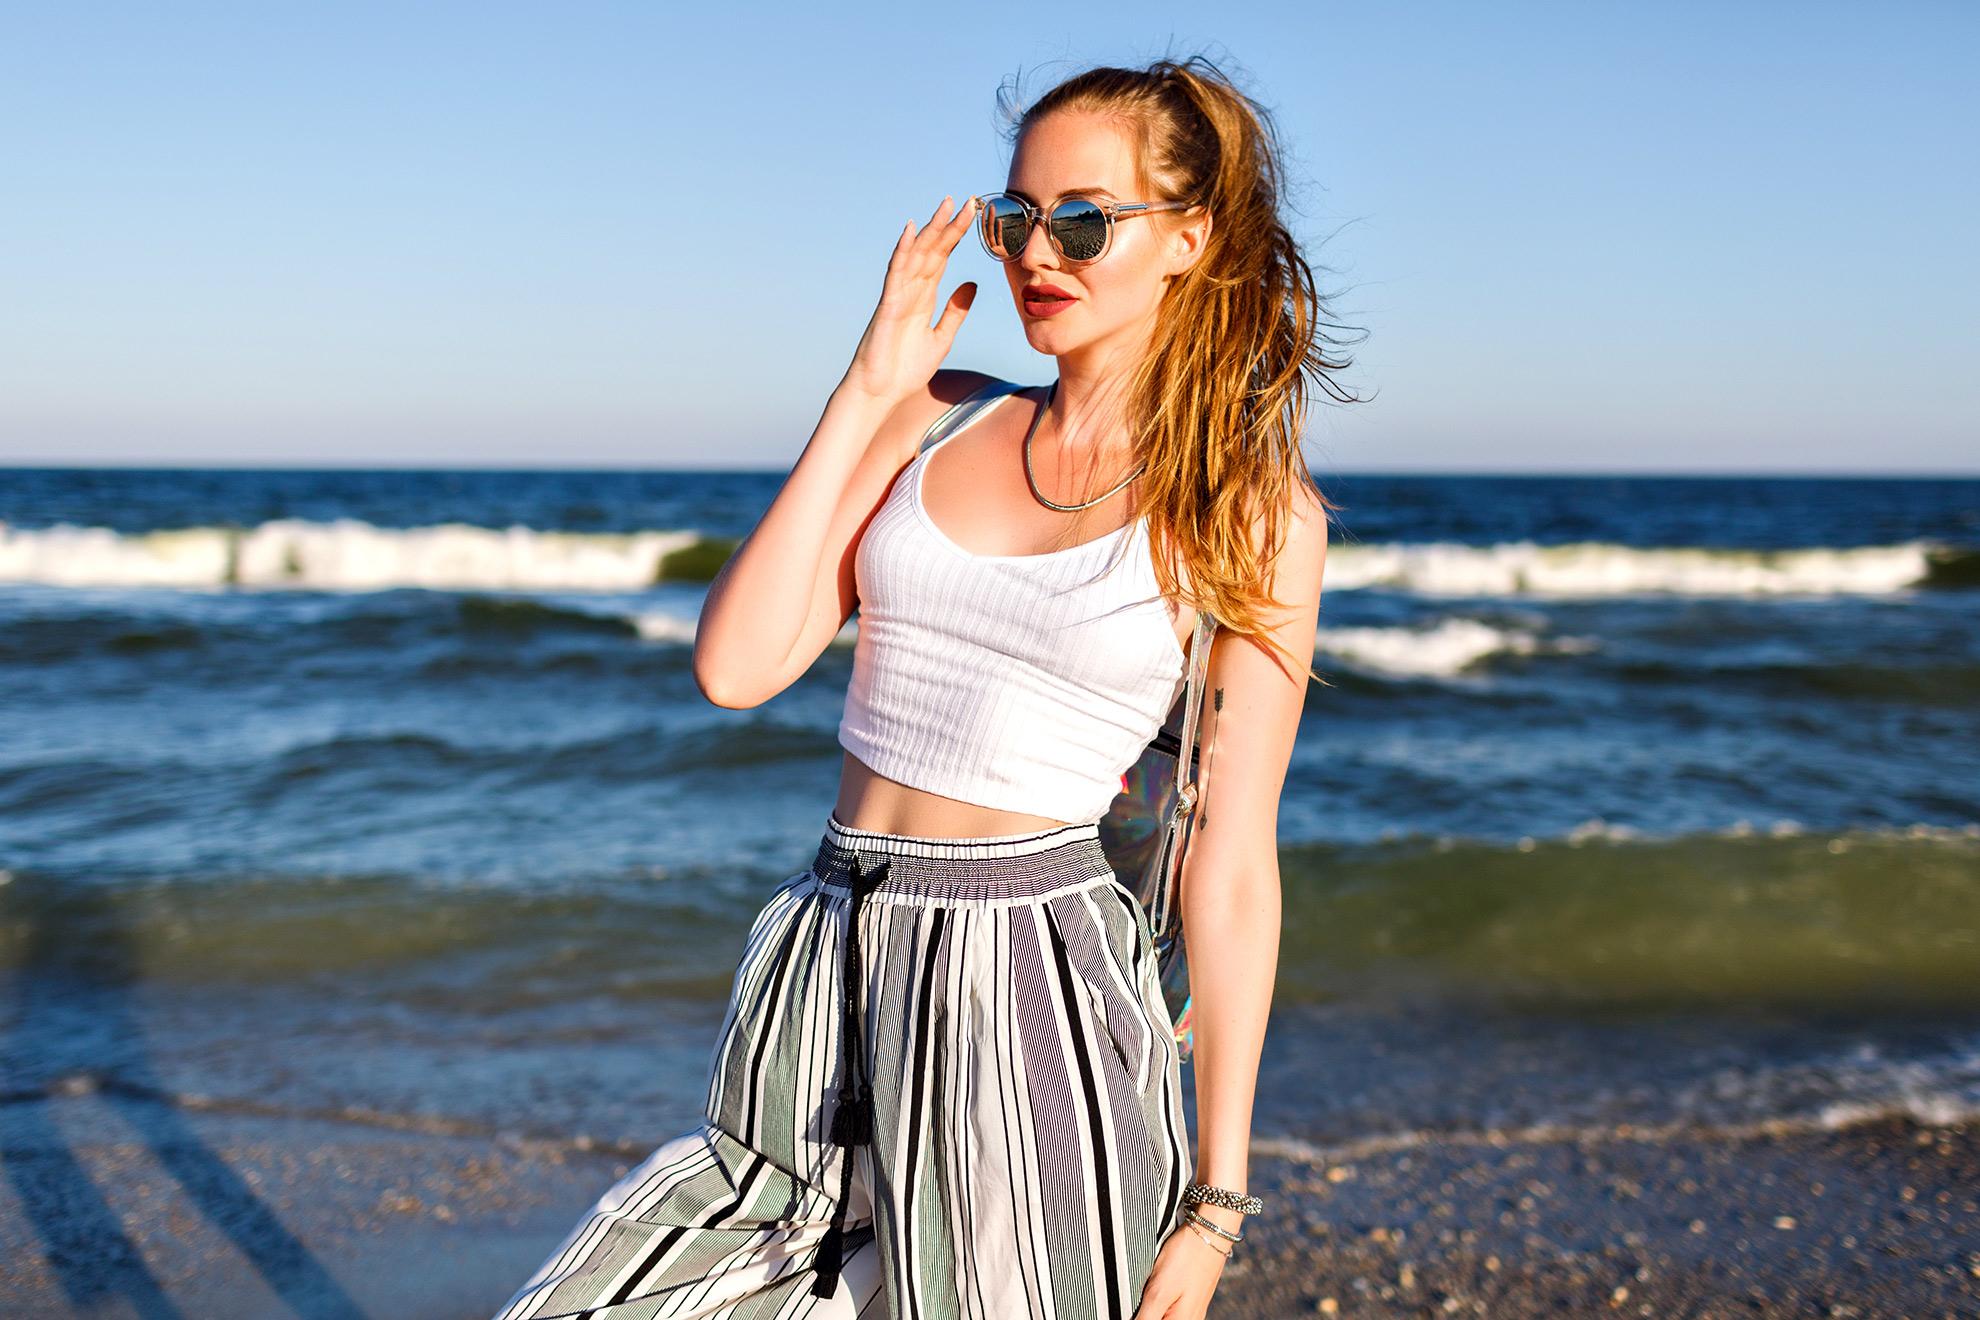 Kobieta w kulotach, ilustracja do artykułu o super modnych i uniwersalnych spodniach